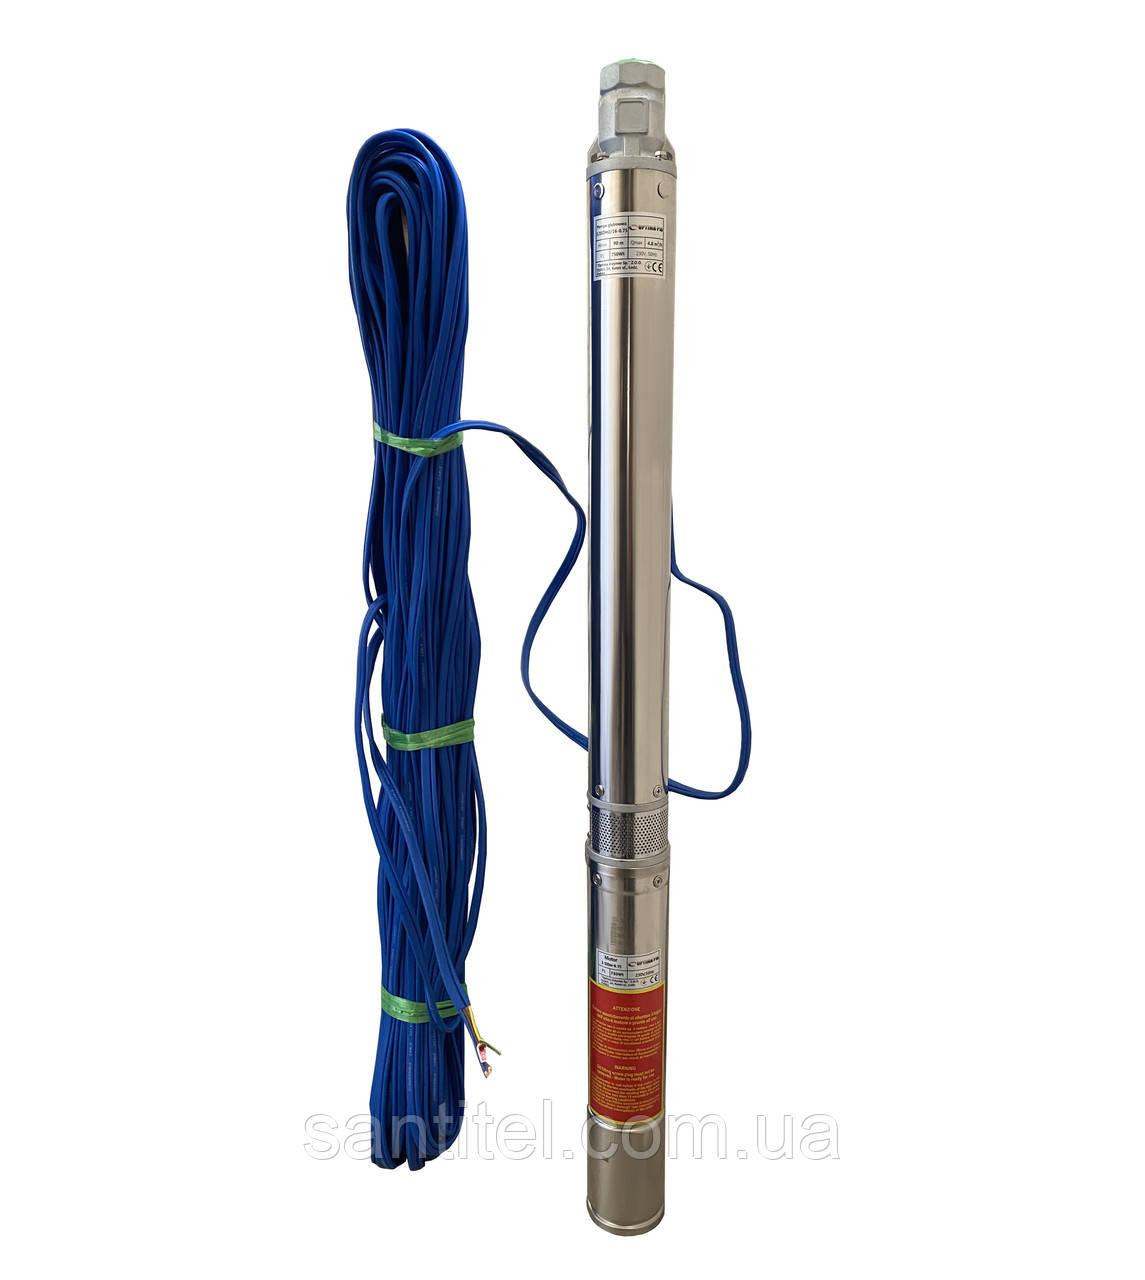 Насос скважинный с повышенной уст-тью к песку  OPTIMA PM 3.5SDm3/16 0.75 кВт100м + 60 м кабель